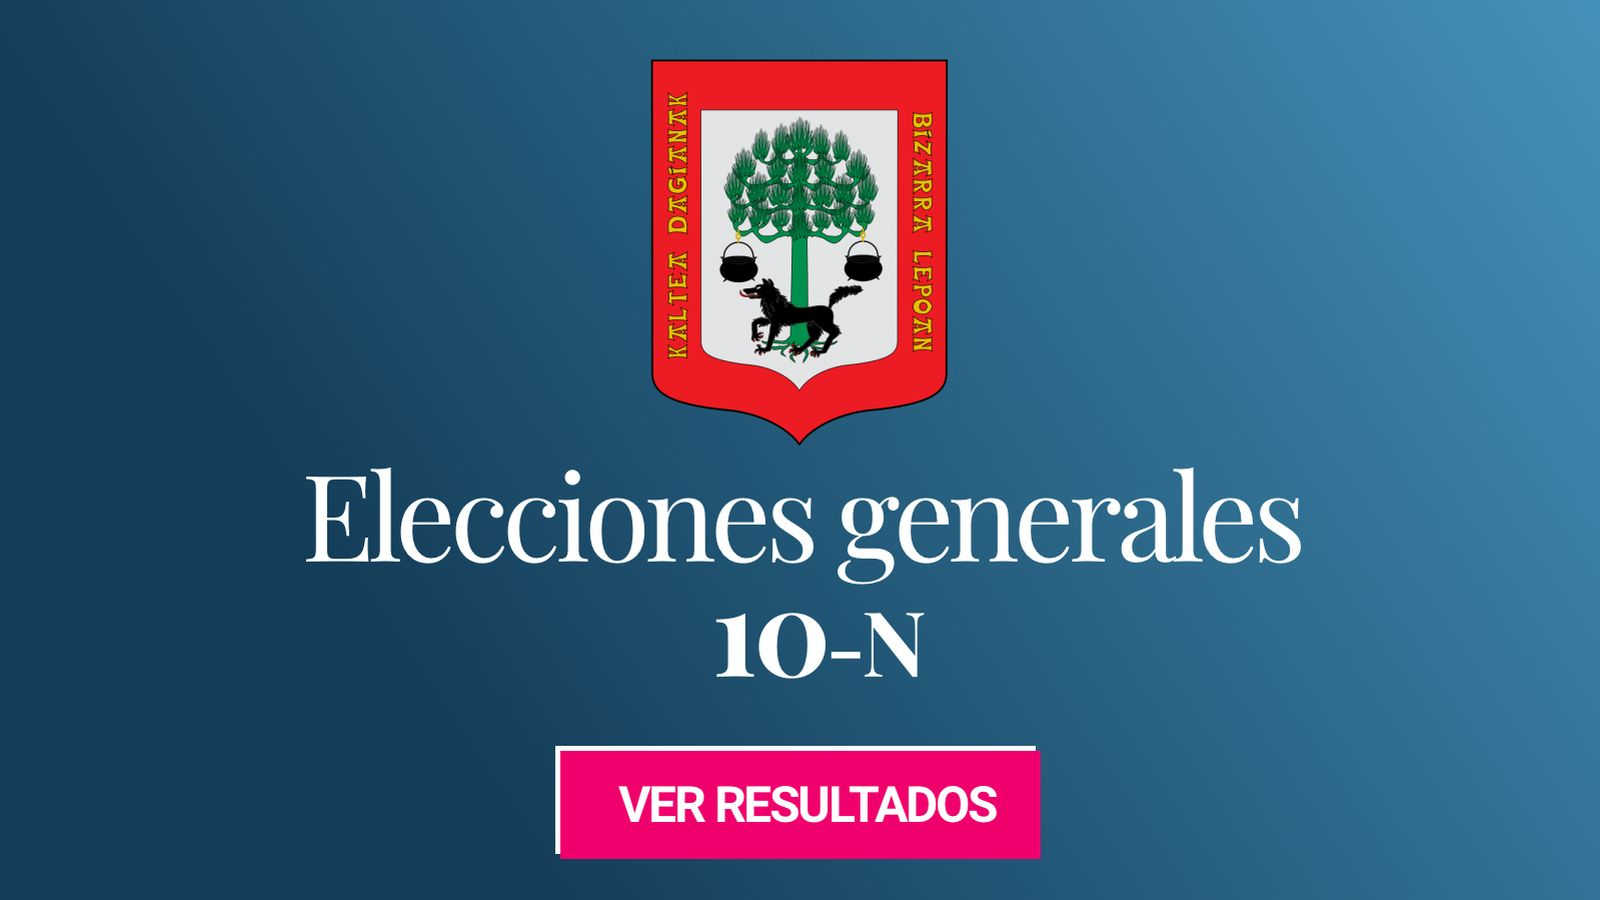 Foto: Elecciones generales 2019 en Getxo. (C.C./EC)